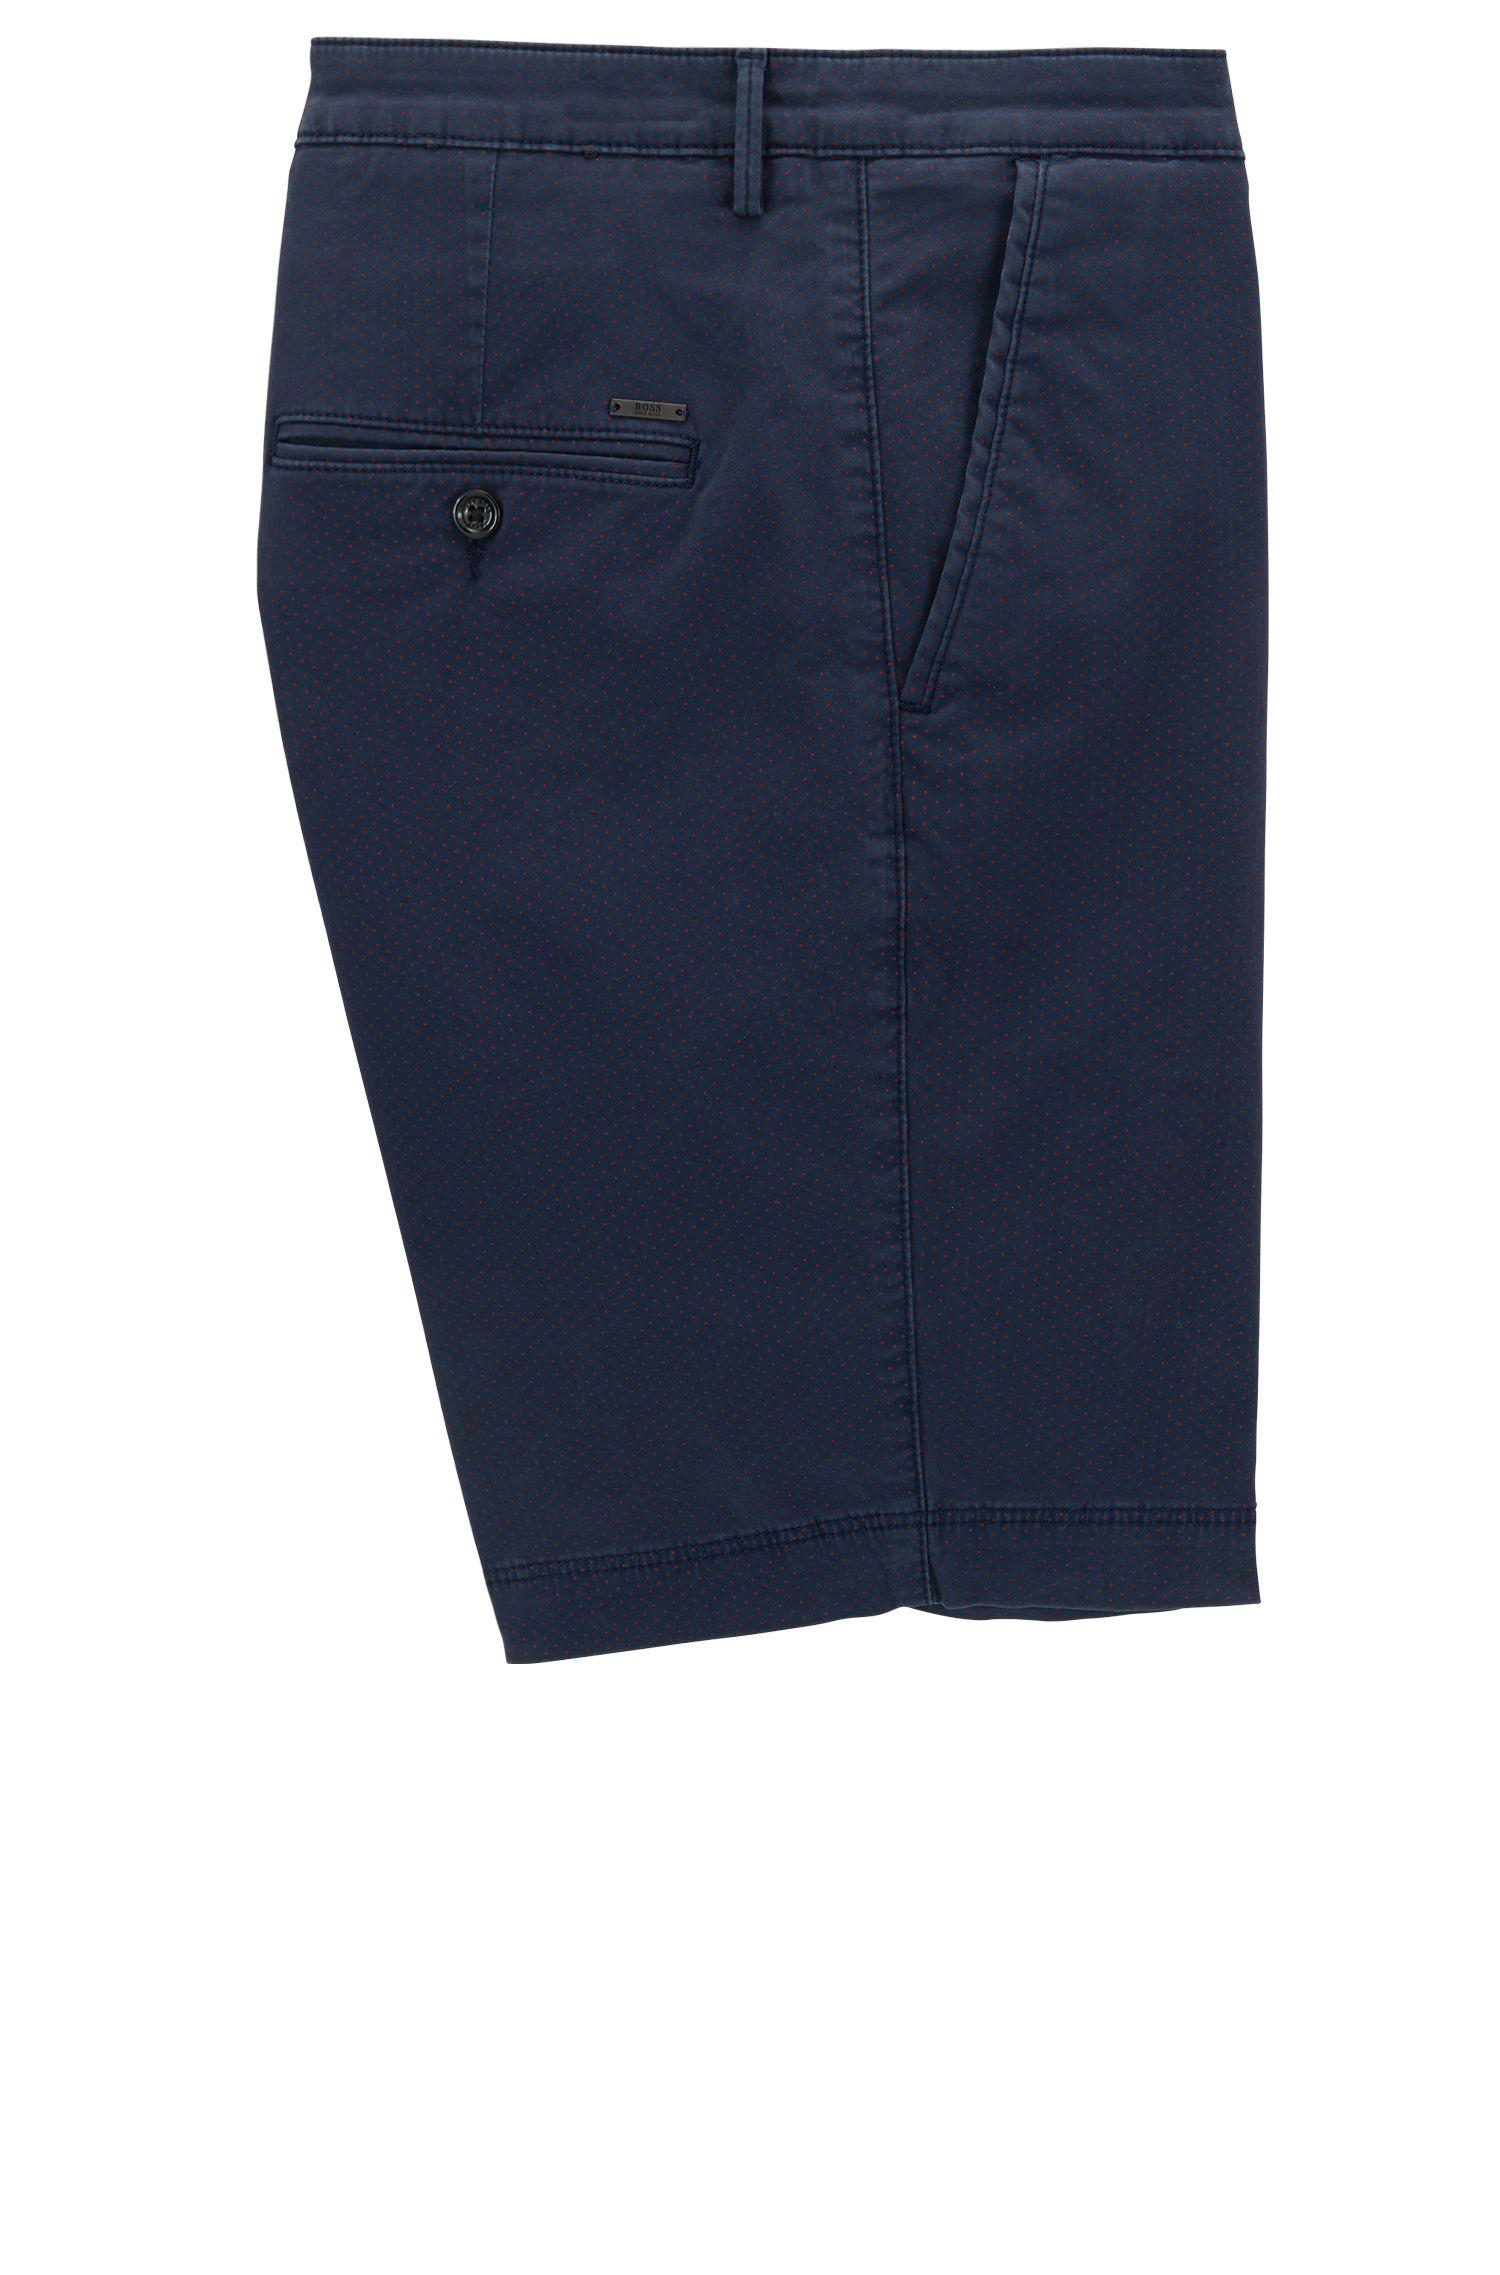 Pantaloncini stampati a gamba dritta in cotone Pima elasticizzato